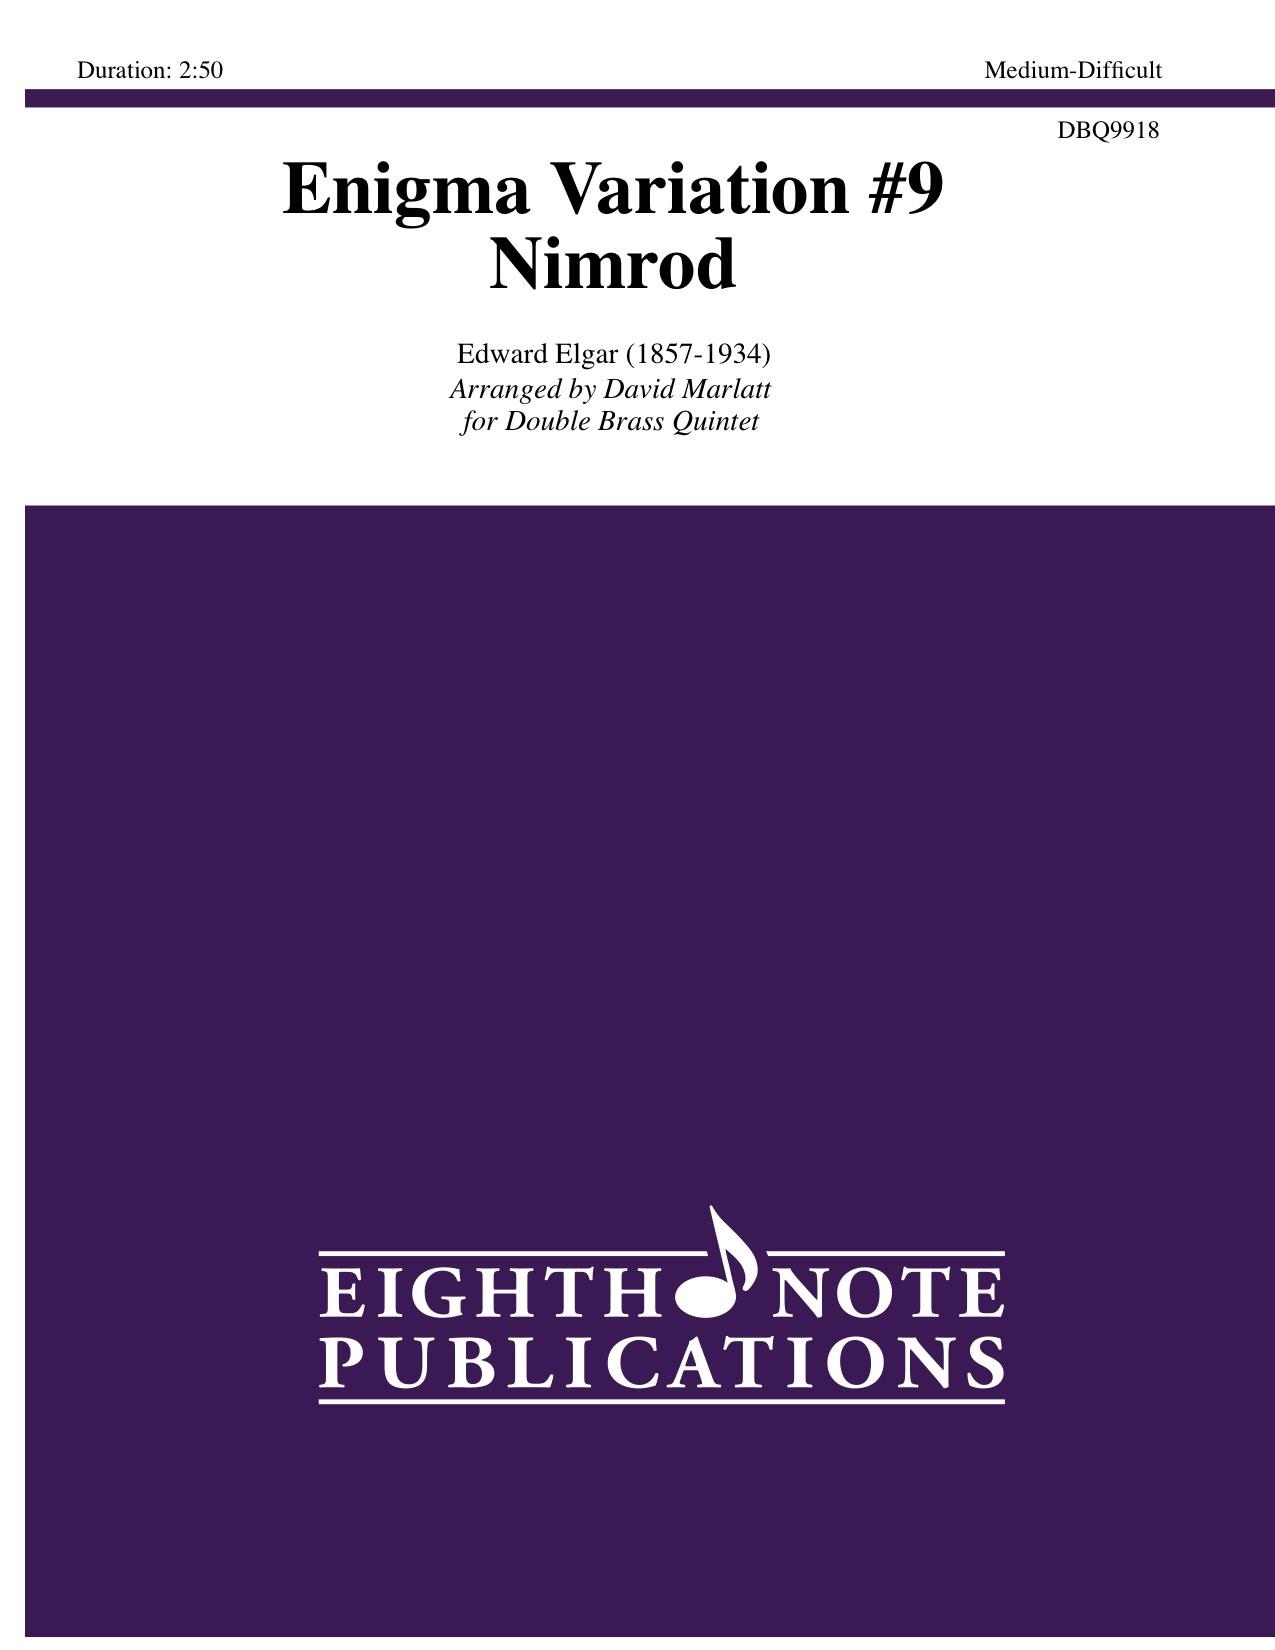 Enigma Variation #9 - Nimrod - Edward Elgar